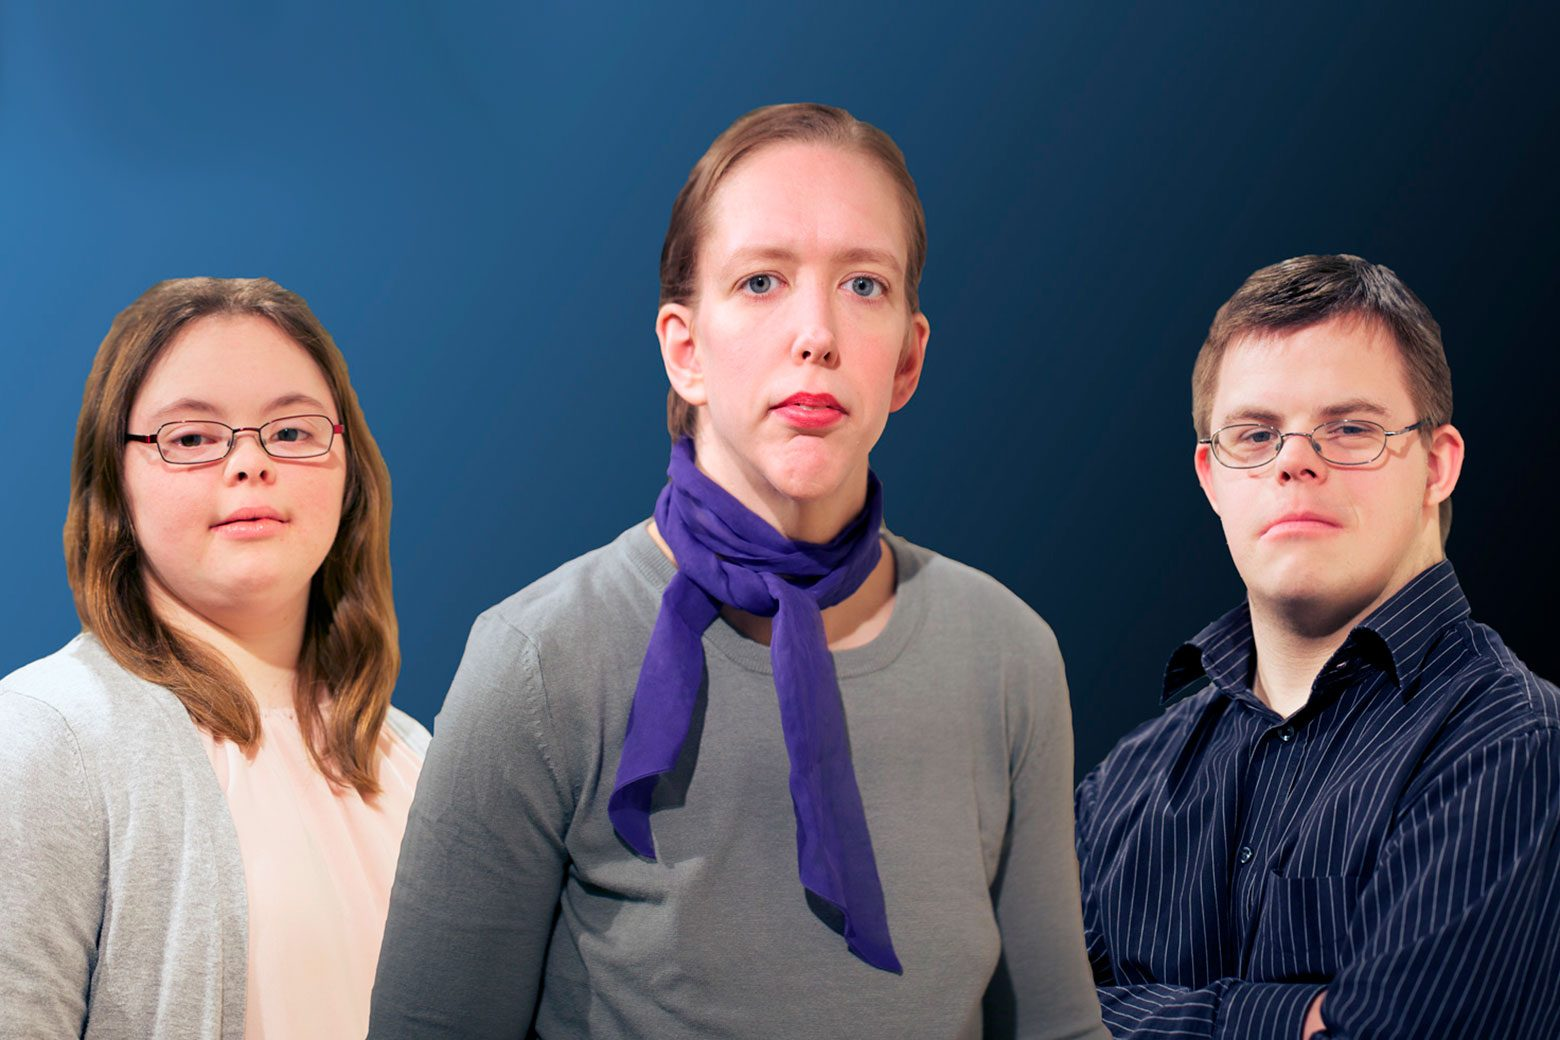 Drei Darsteller sehen in die Kamera